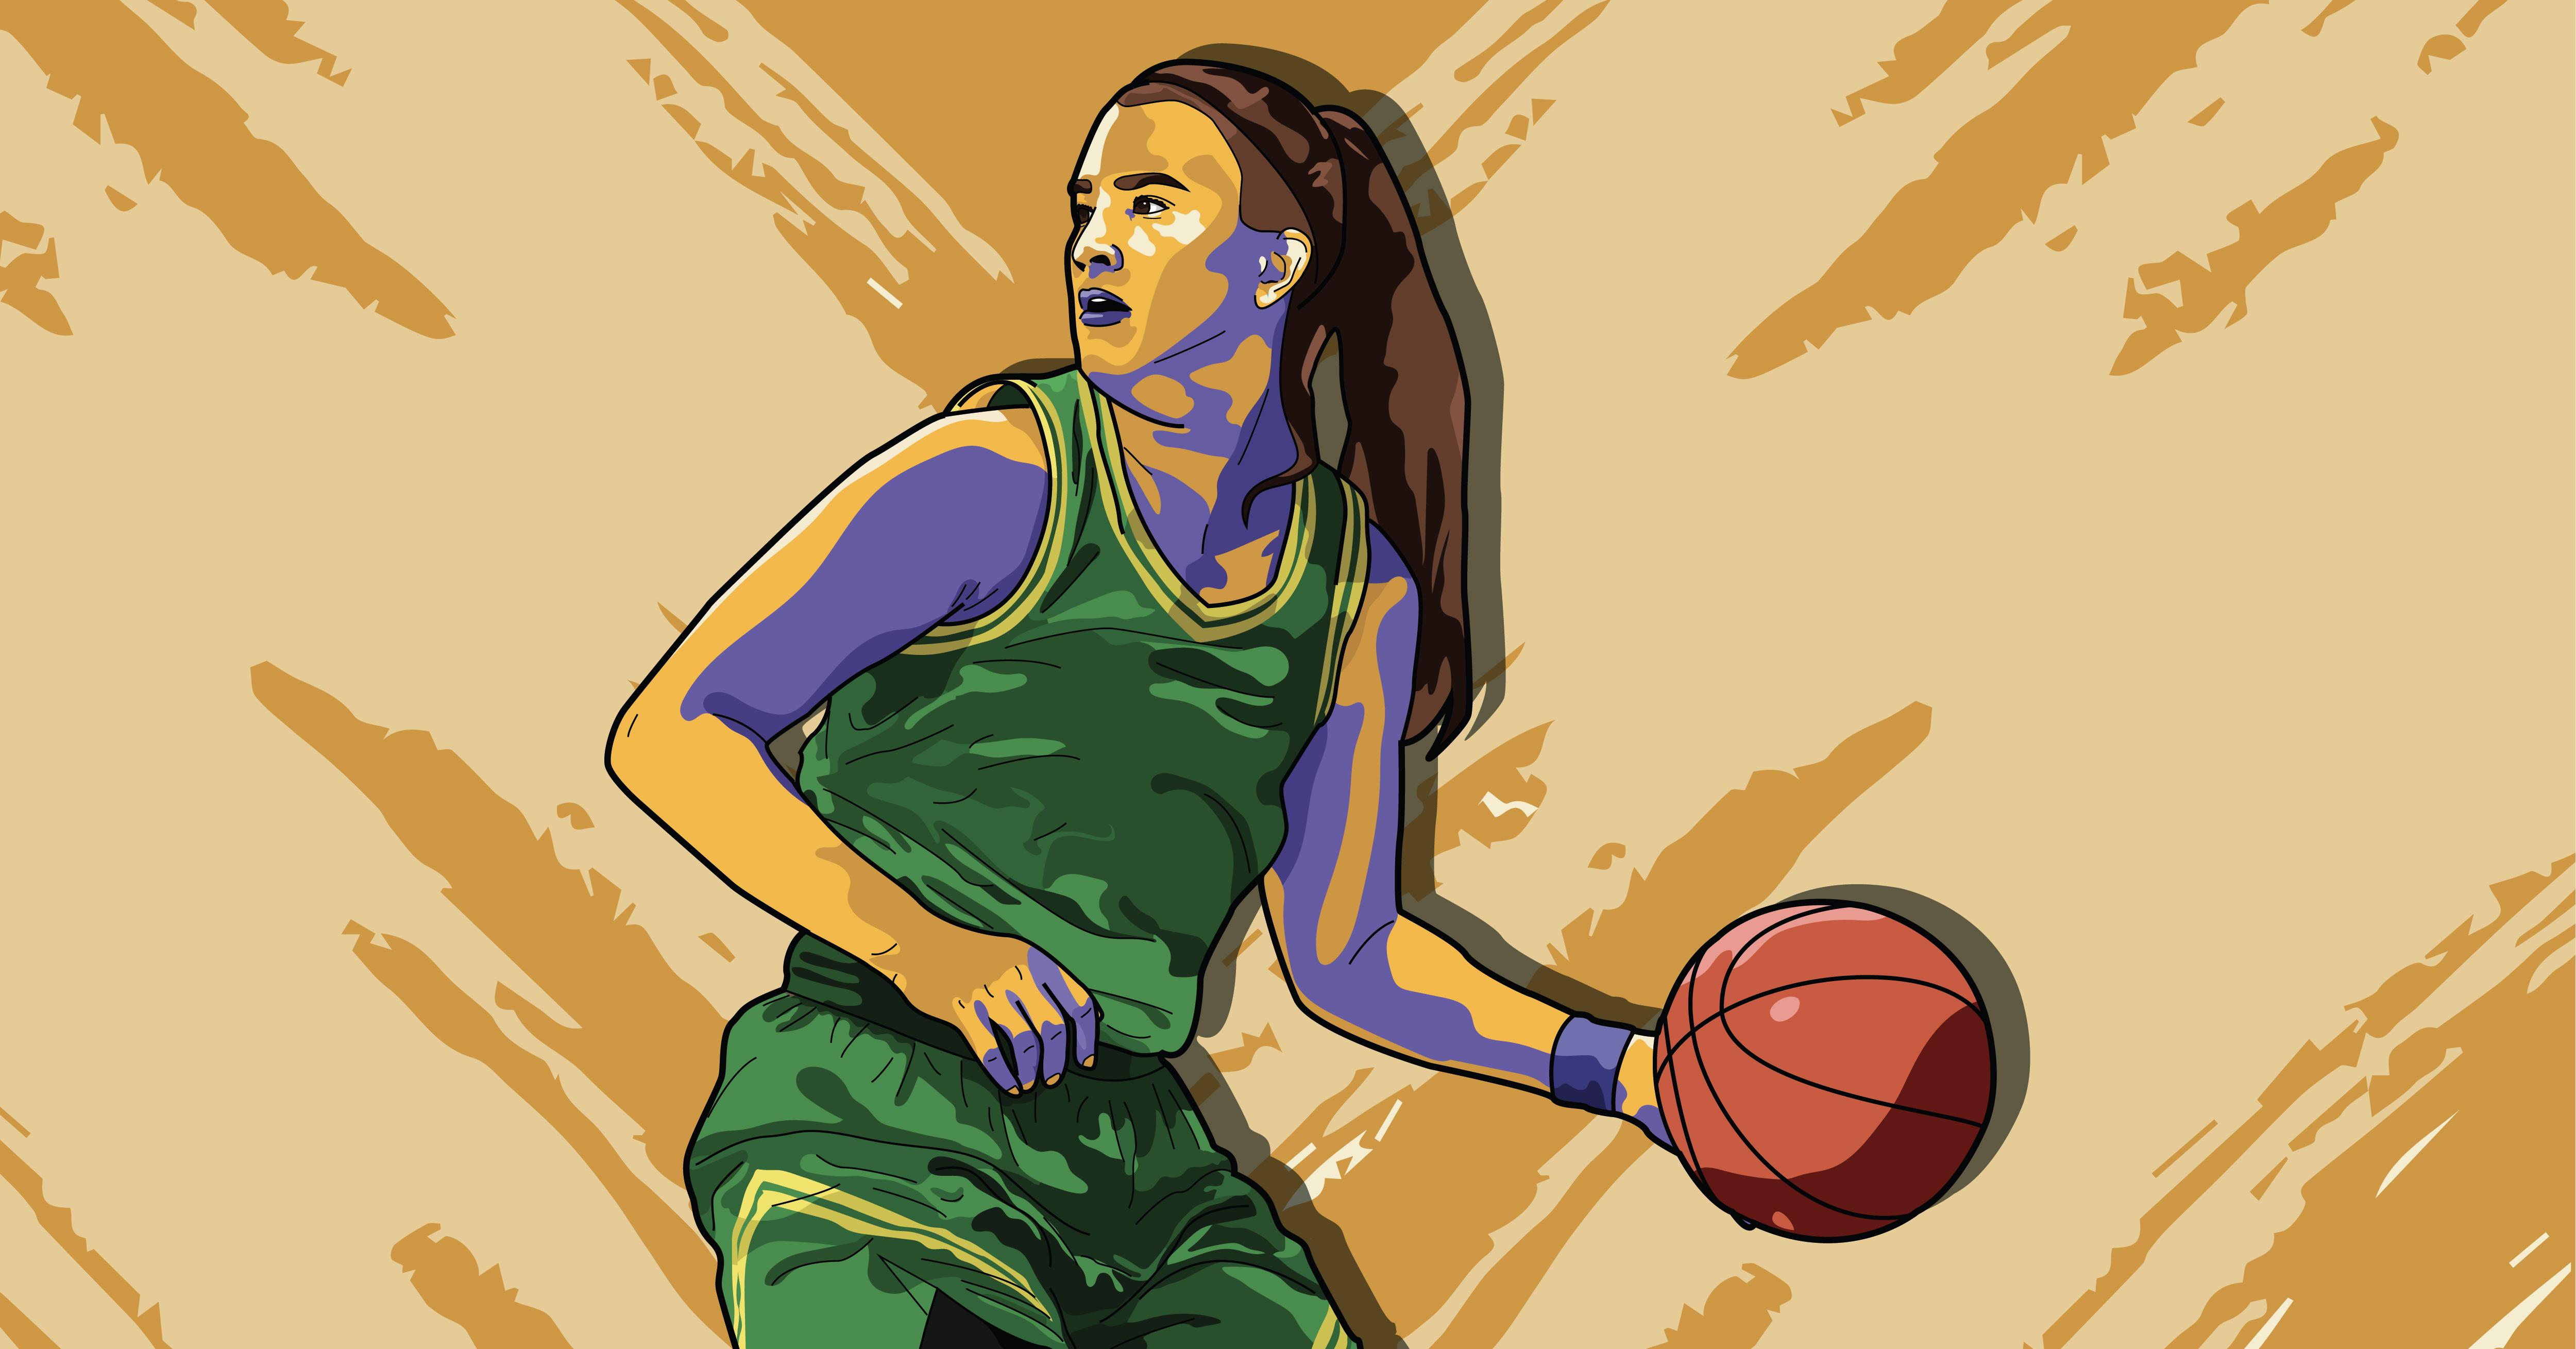 Sabrina Ionescu WNBA: Everything You Need to Know